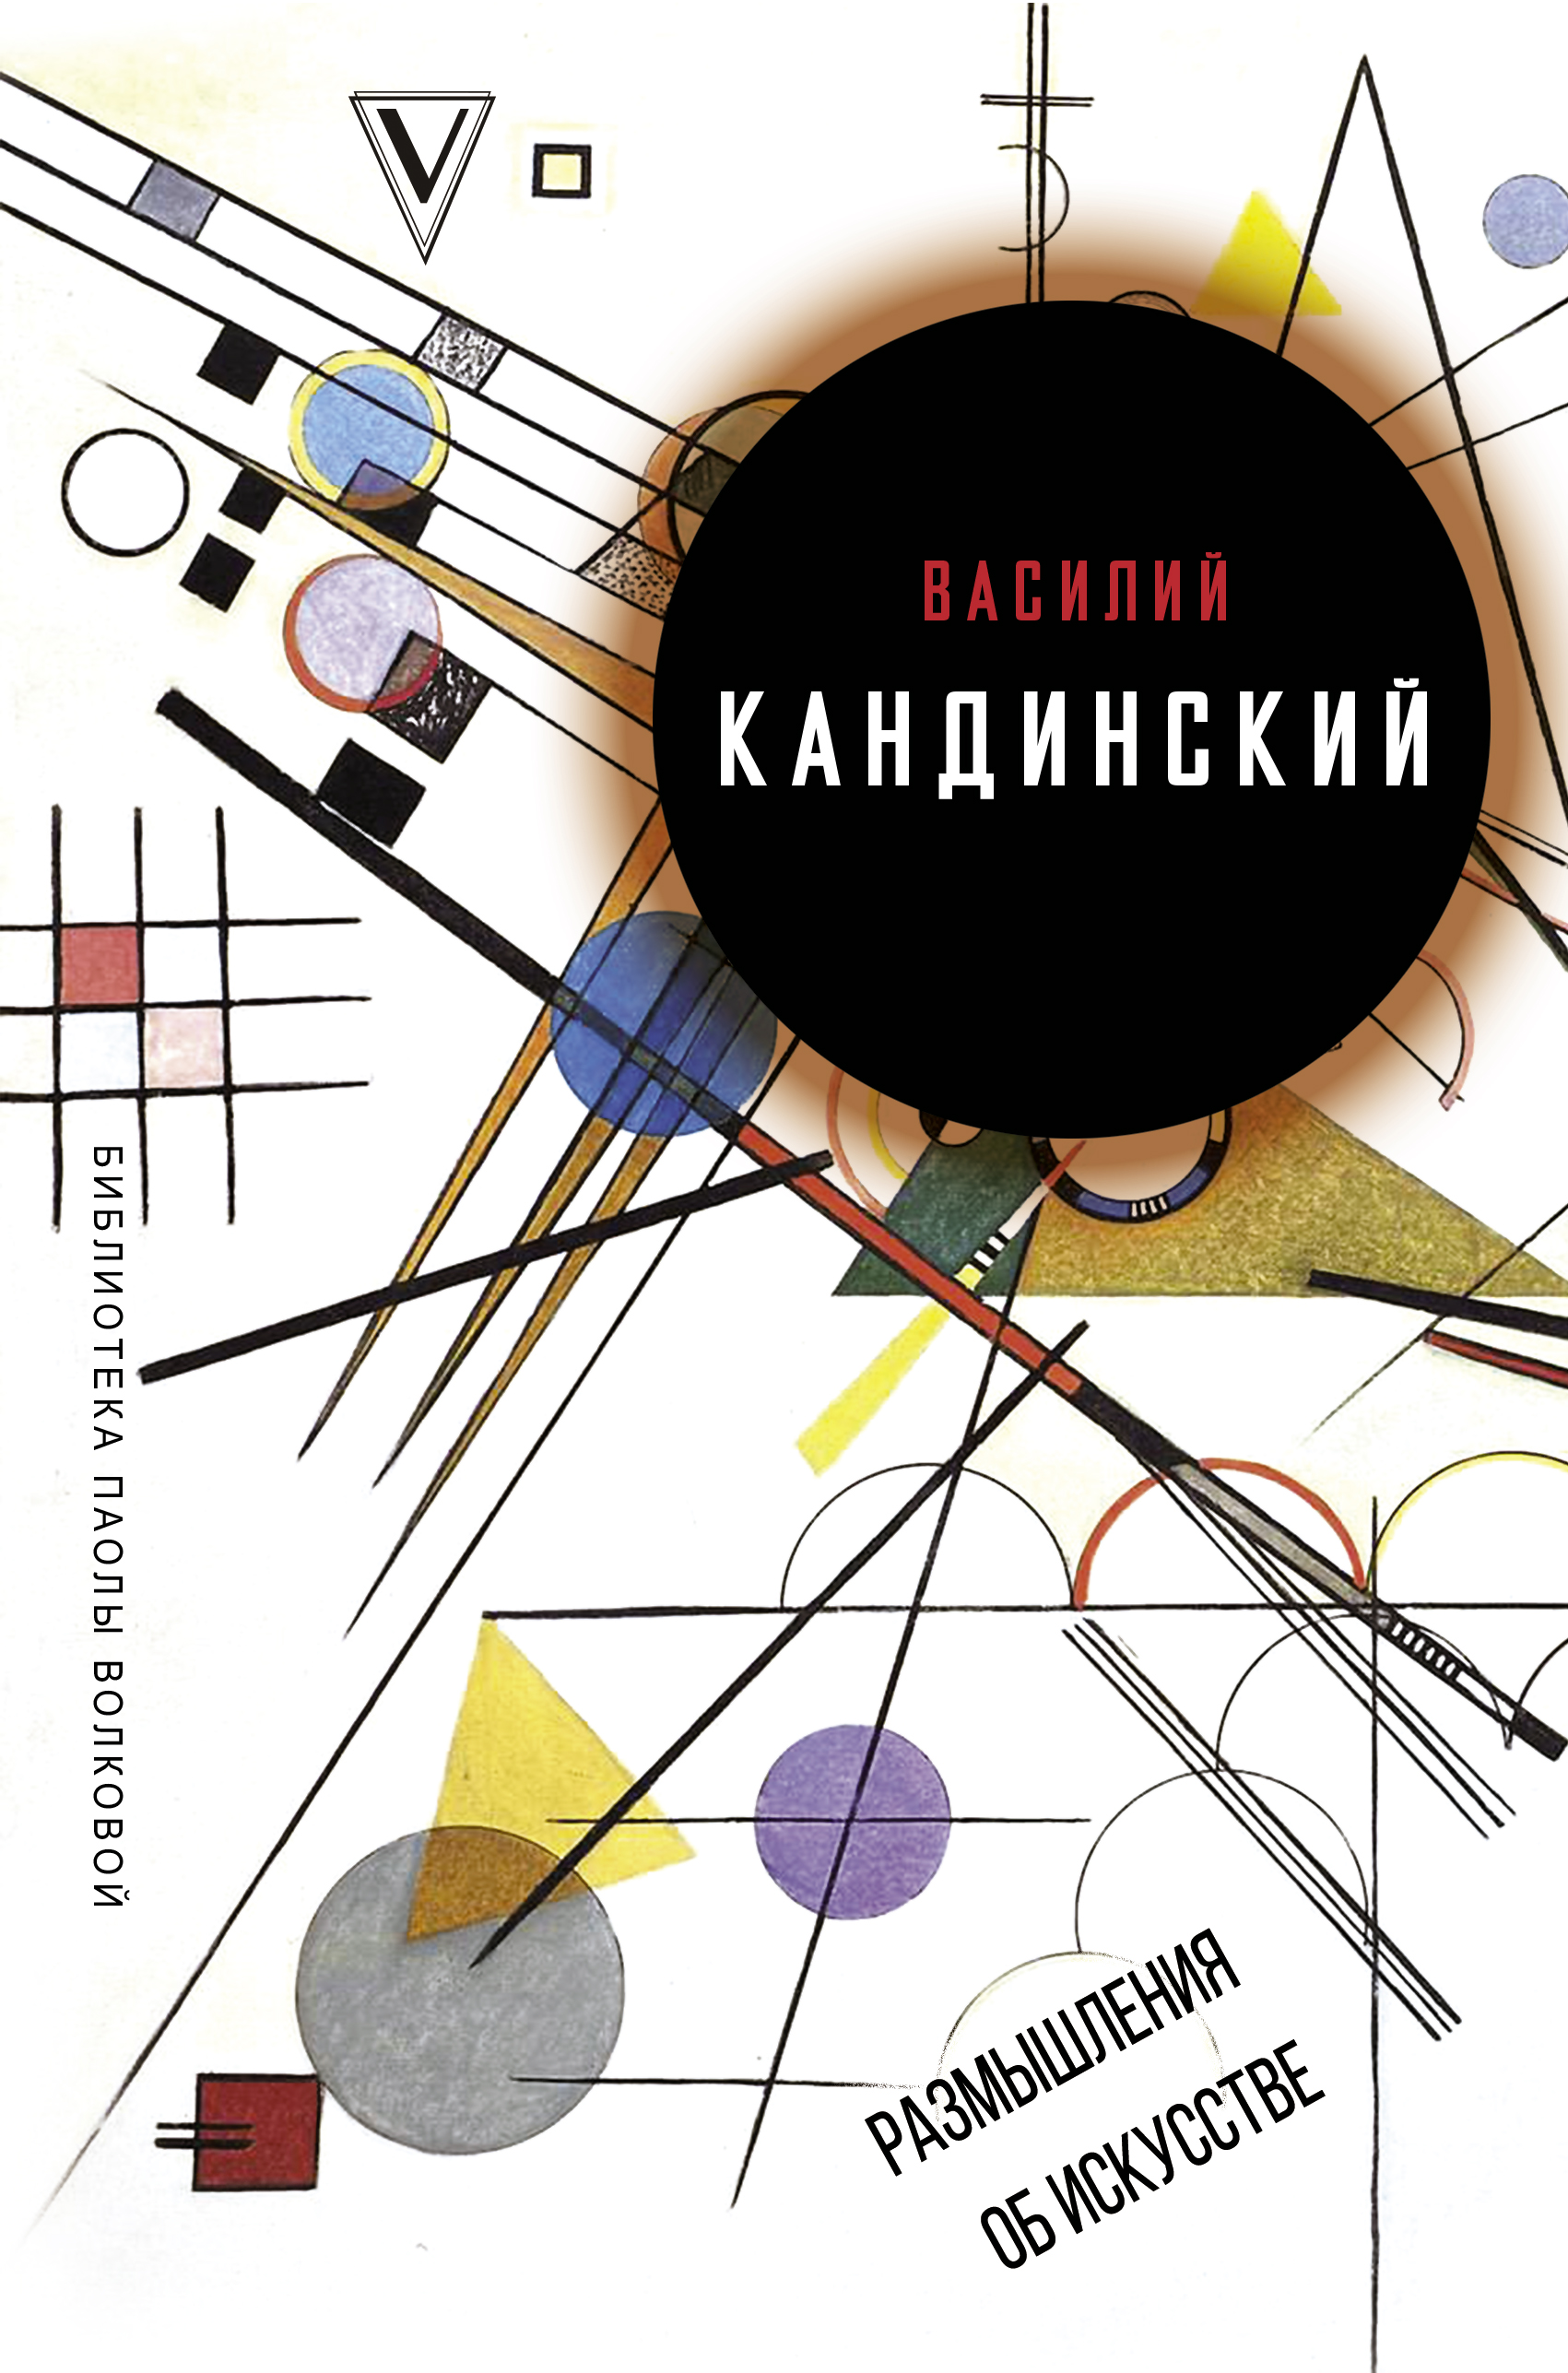 Василий Кандинский Размышления об искусстве (сборник) сборник поэты об искусстве сборник